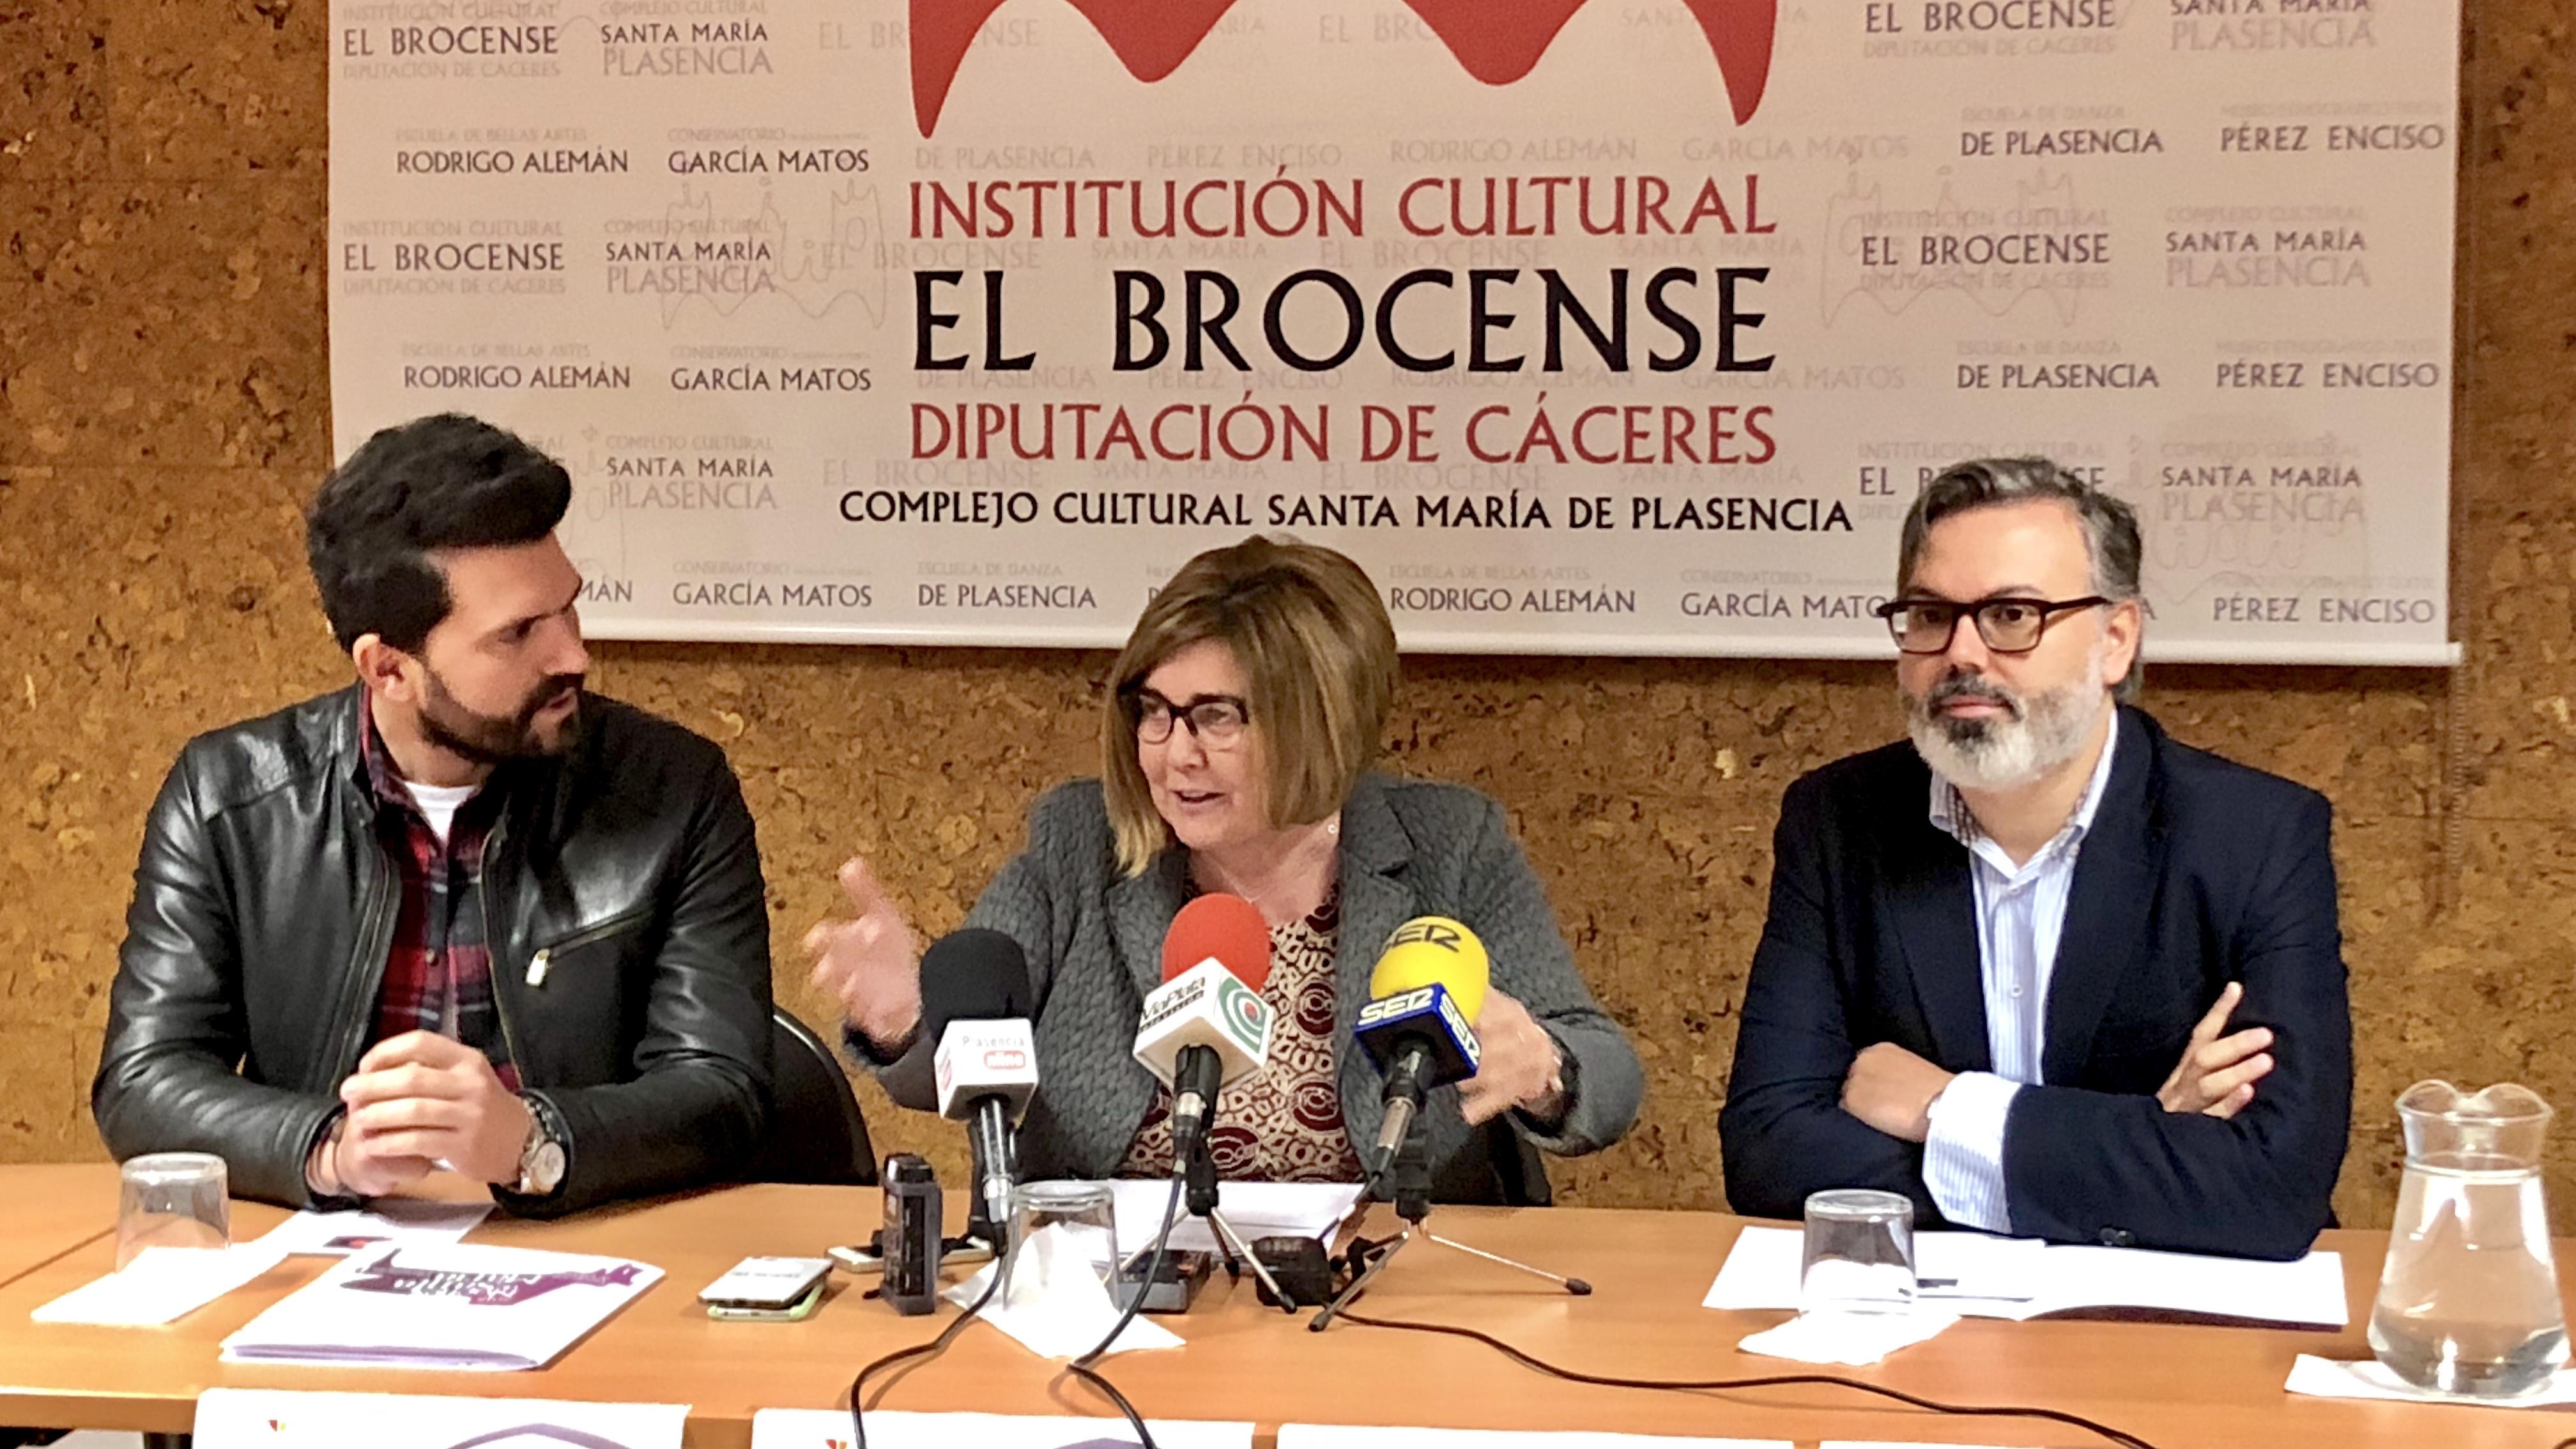 La alianza Diputación de Cáceres-Ayuntamiento de Plasencia en materia de fondos europeos se traduce en inversiones millonarias